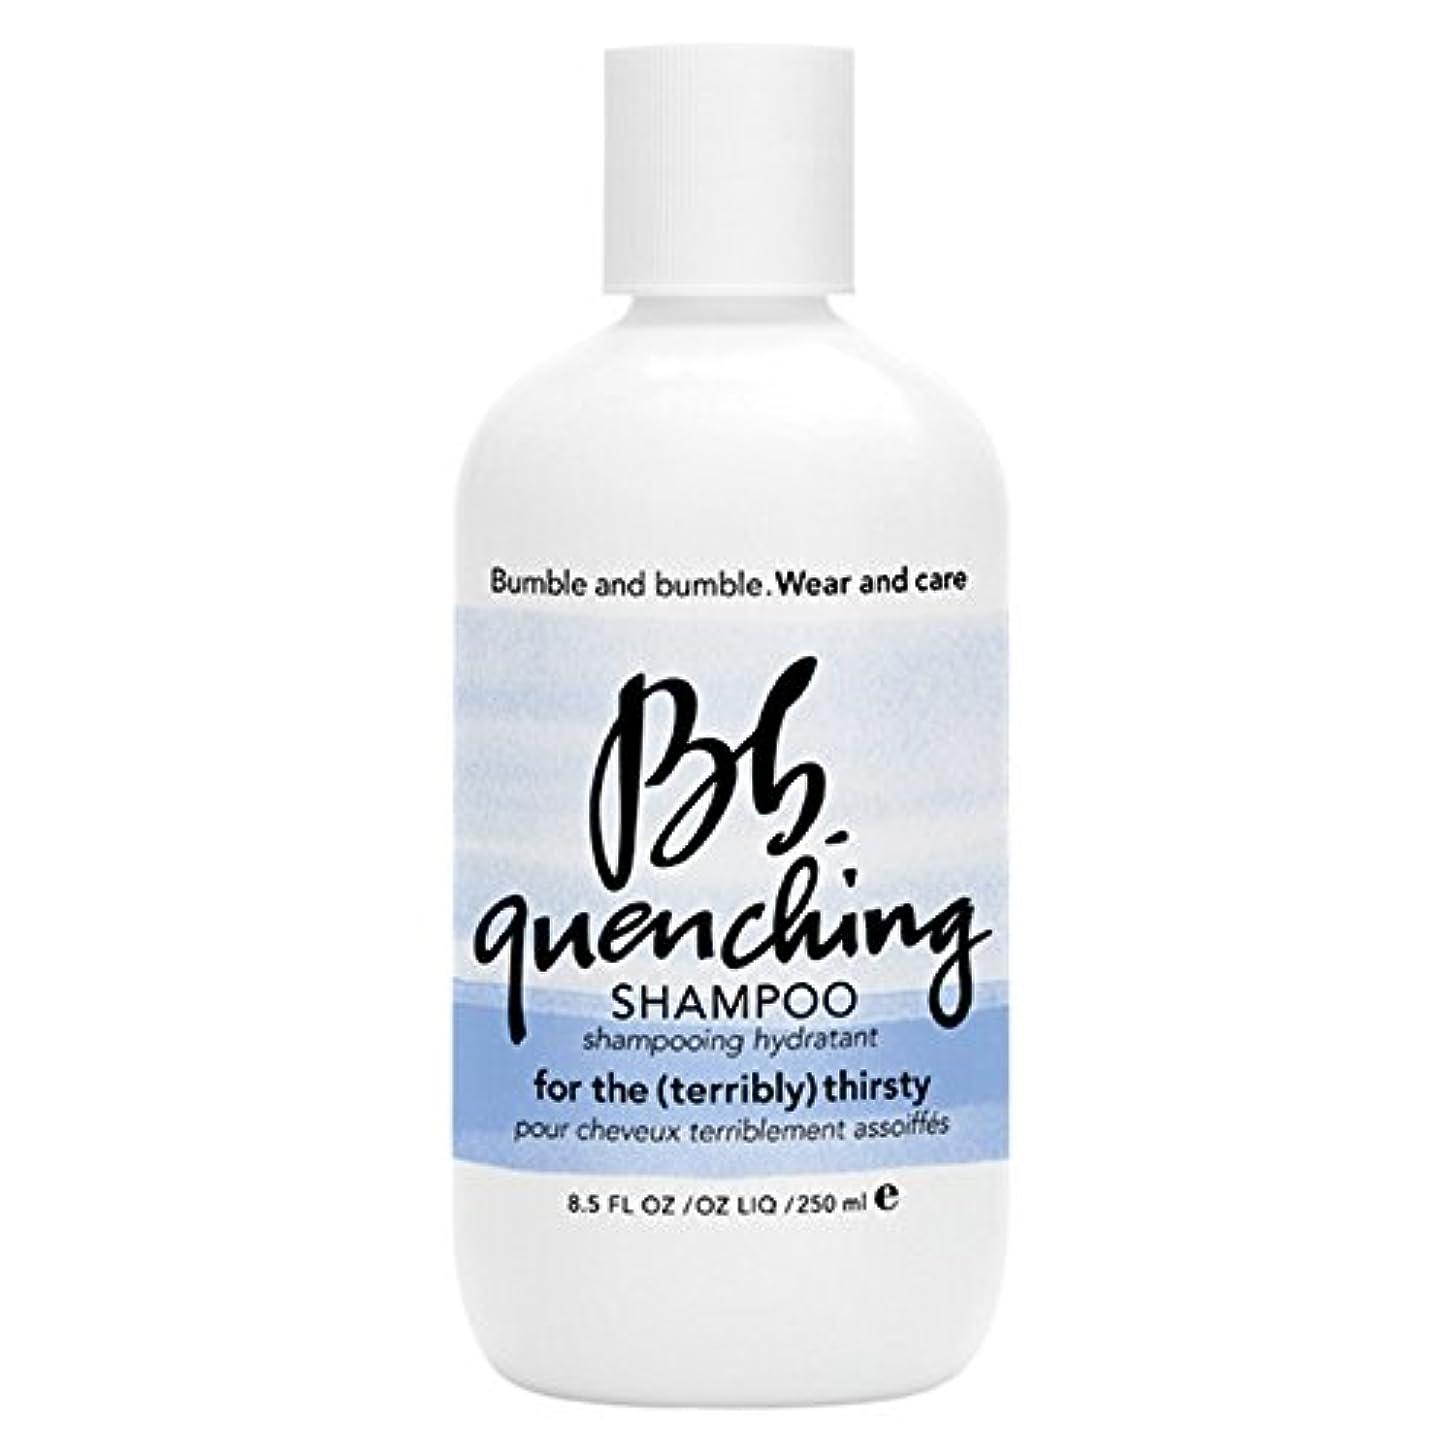 いちゃつく摩擦側面バンブルアンドバンブル急冷シャンプー250ミリリットル (Bumble and bumble) - Bumble and bumble Quenching Shampoo 250ml [並行輸入品]